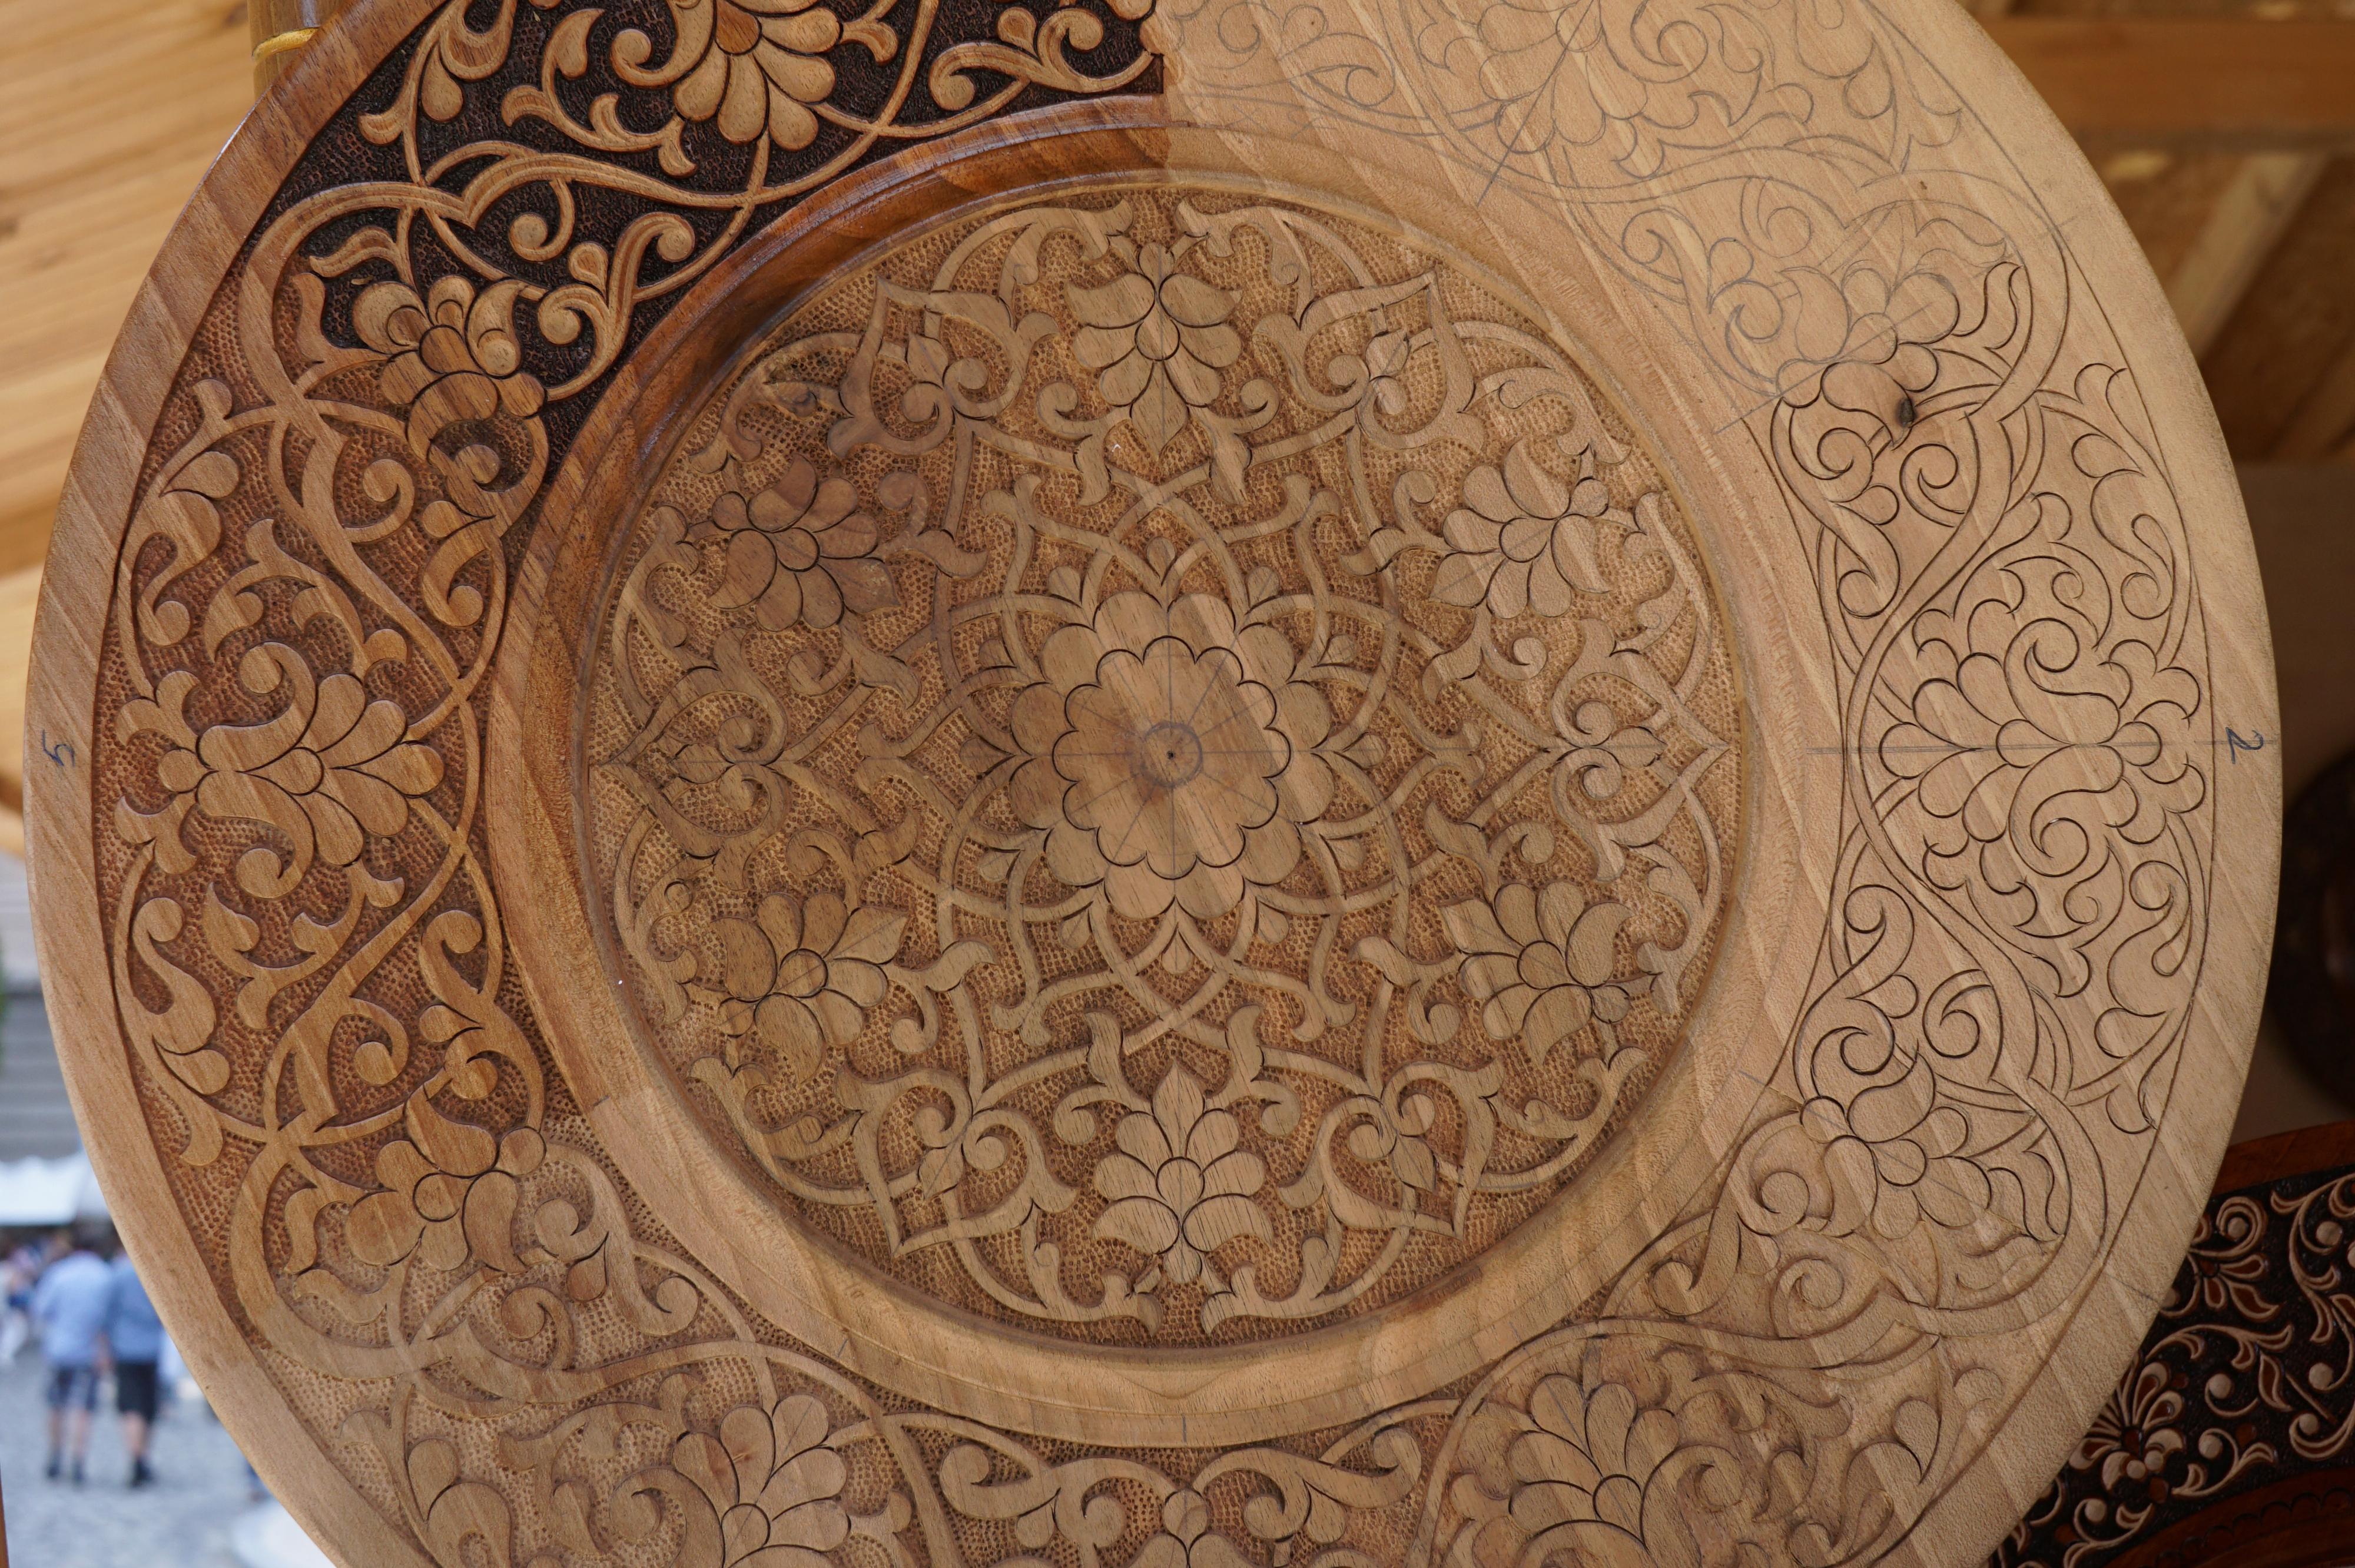 Nydelig utskåret trearbeide i transylvansk motiv, med lotusblomsten som er et av de nasjonale symbolene som går igjen i all folklore.